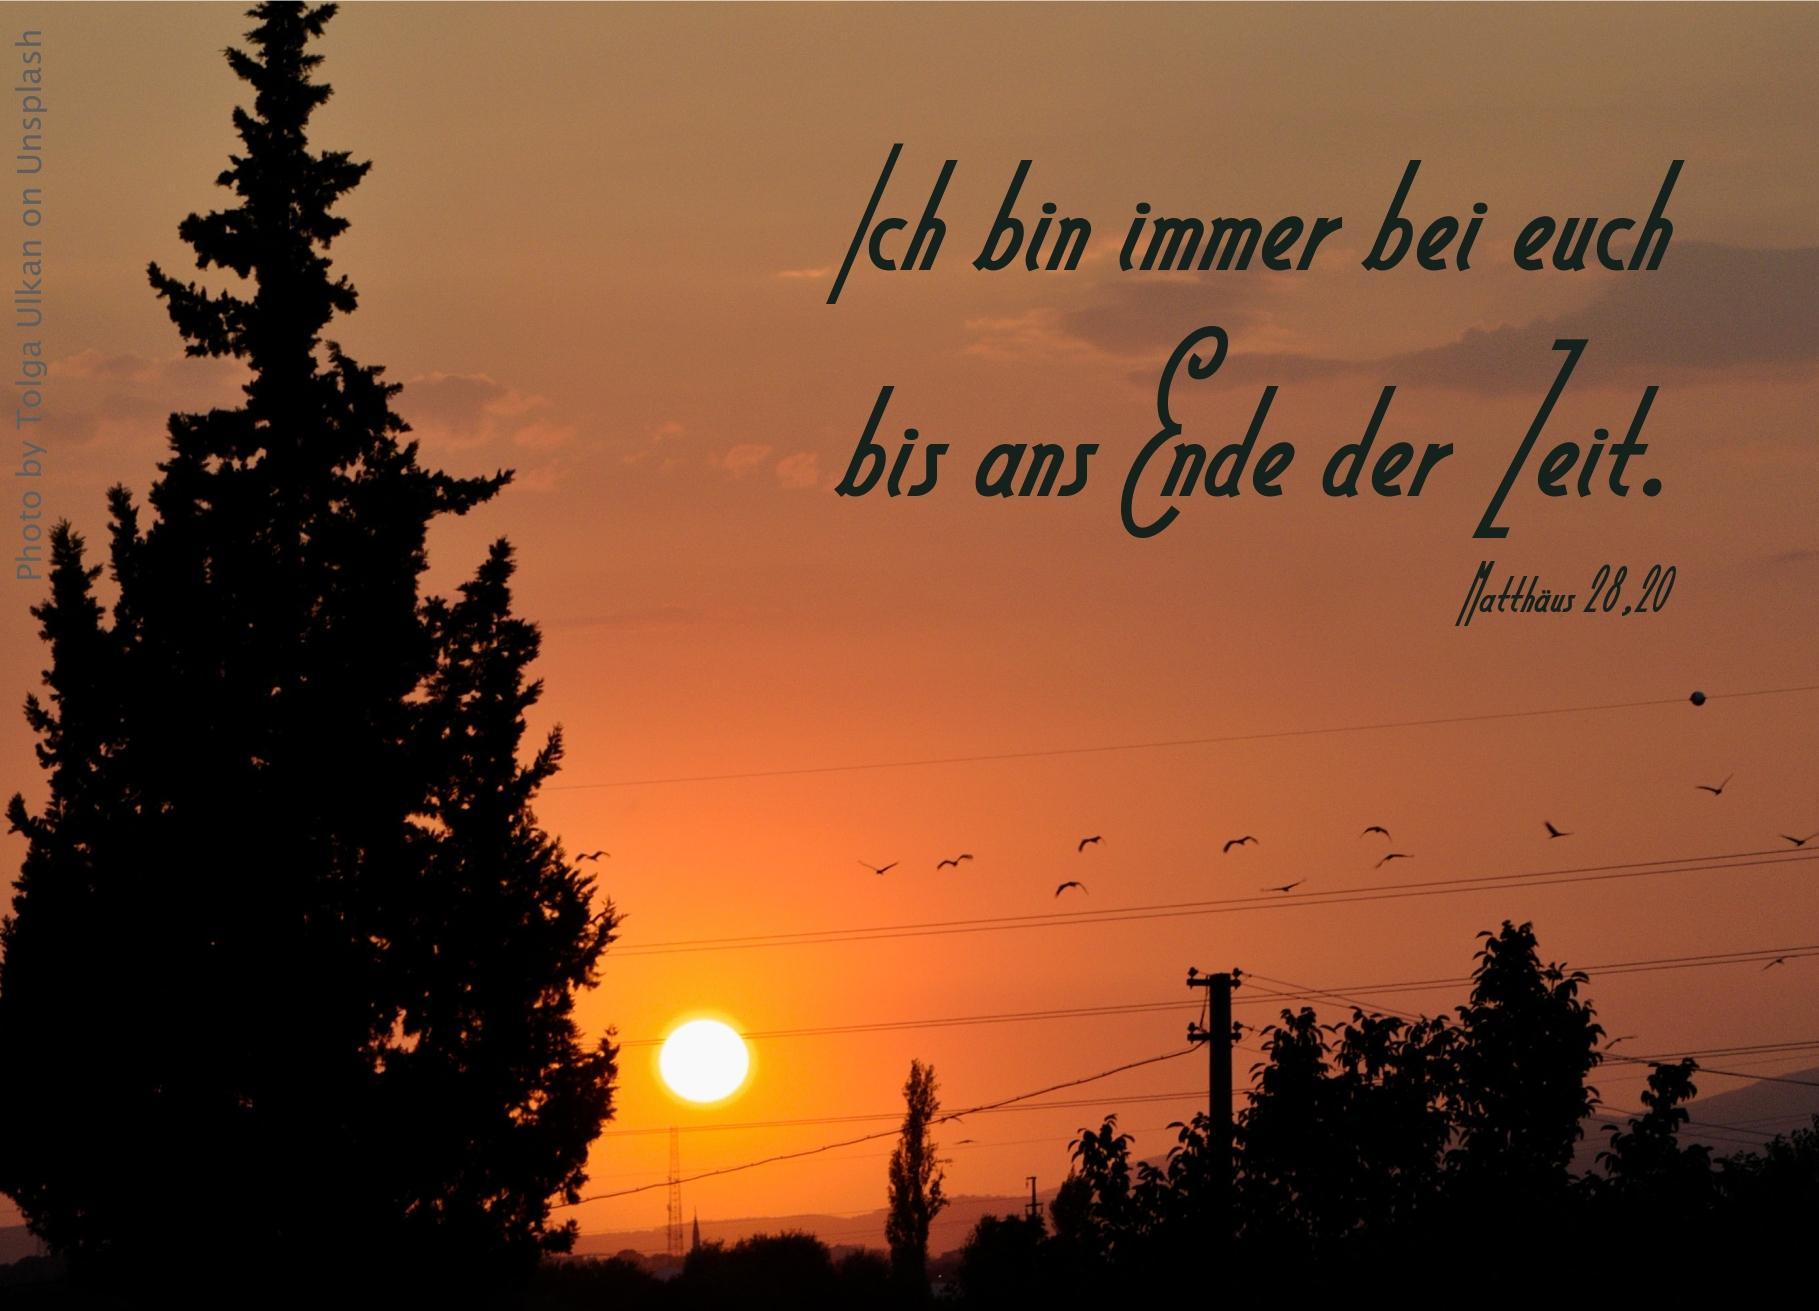 """alt=""""abendrot_mit_baum_und_voegeln_erwartet_bibelhoerbuch_auferstehung"""""""